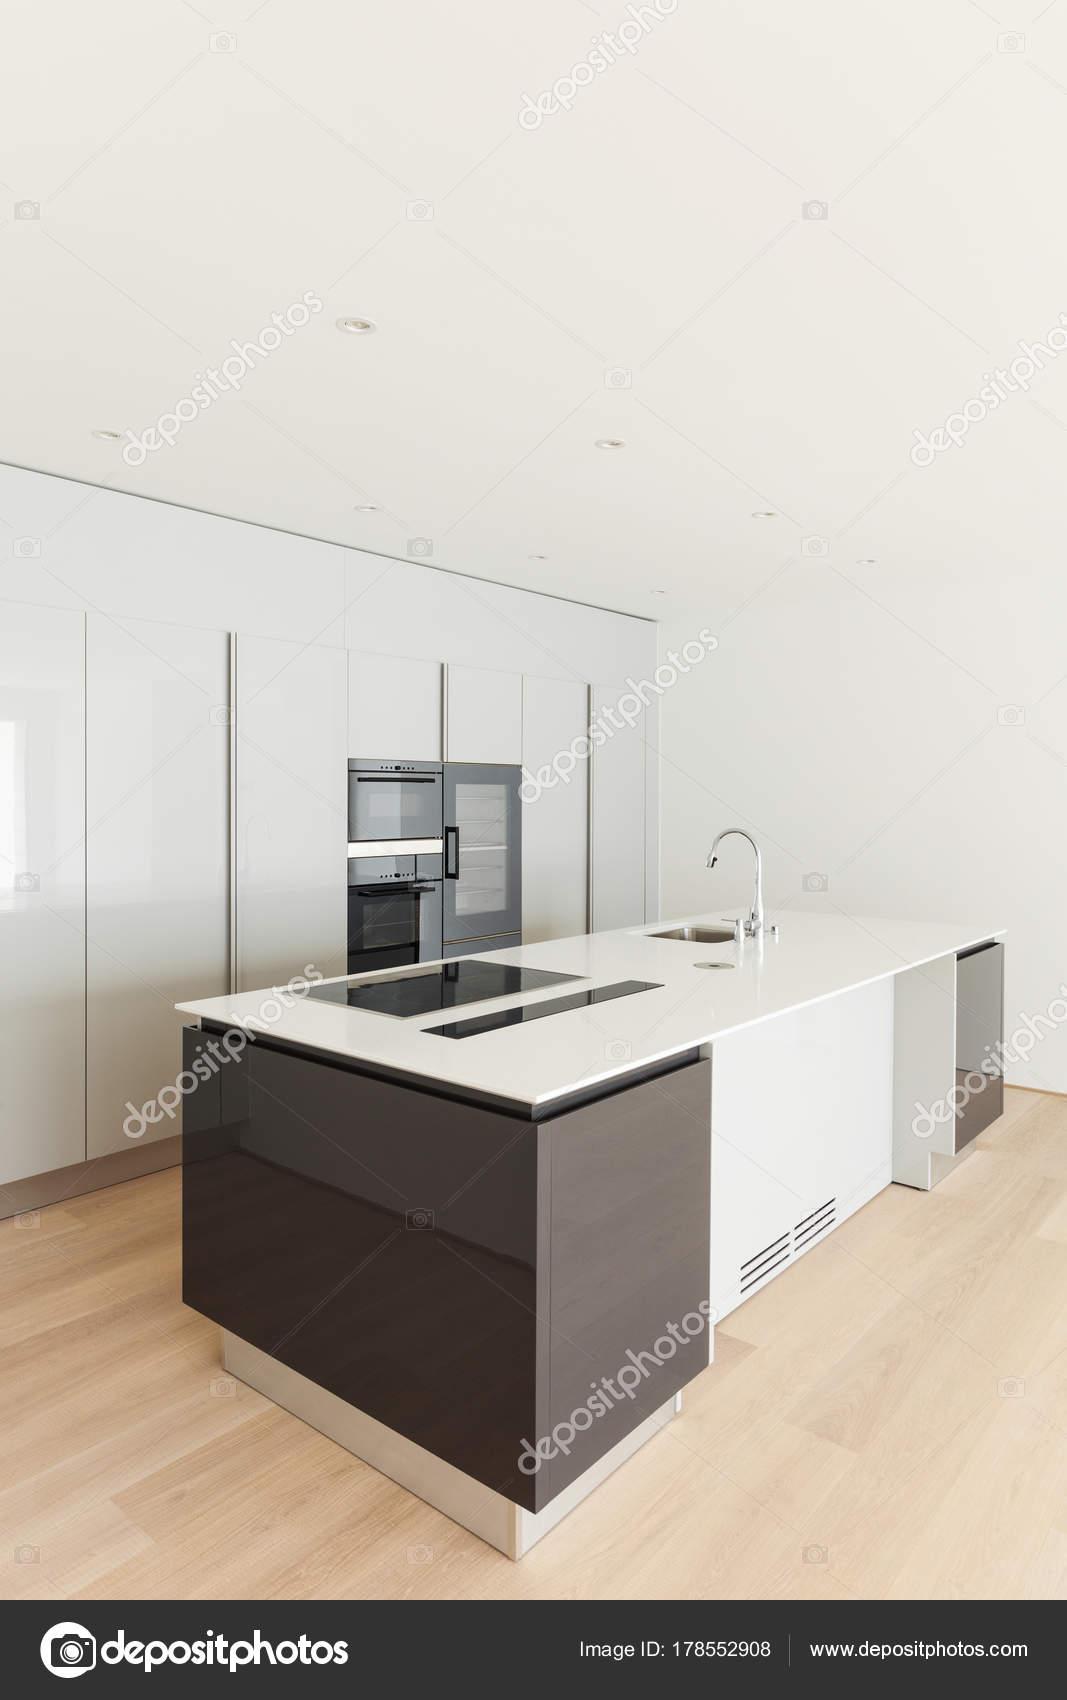 Lindo Apartamento Vazio Piso Madeira Ilha Cozinha Stock Photo